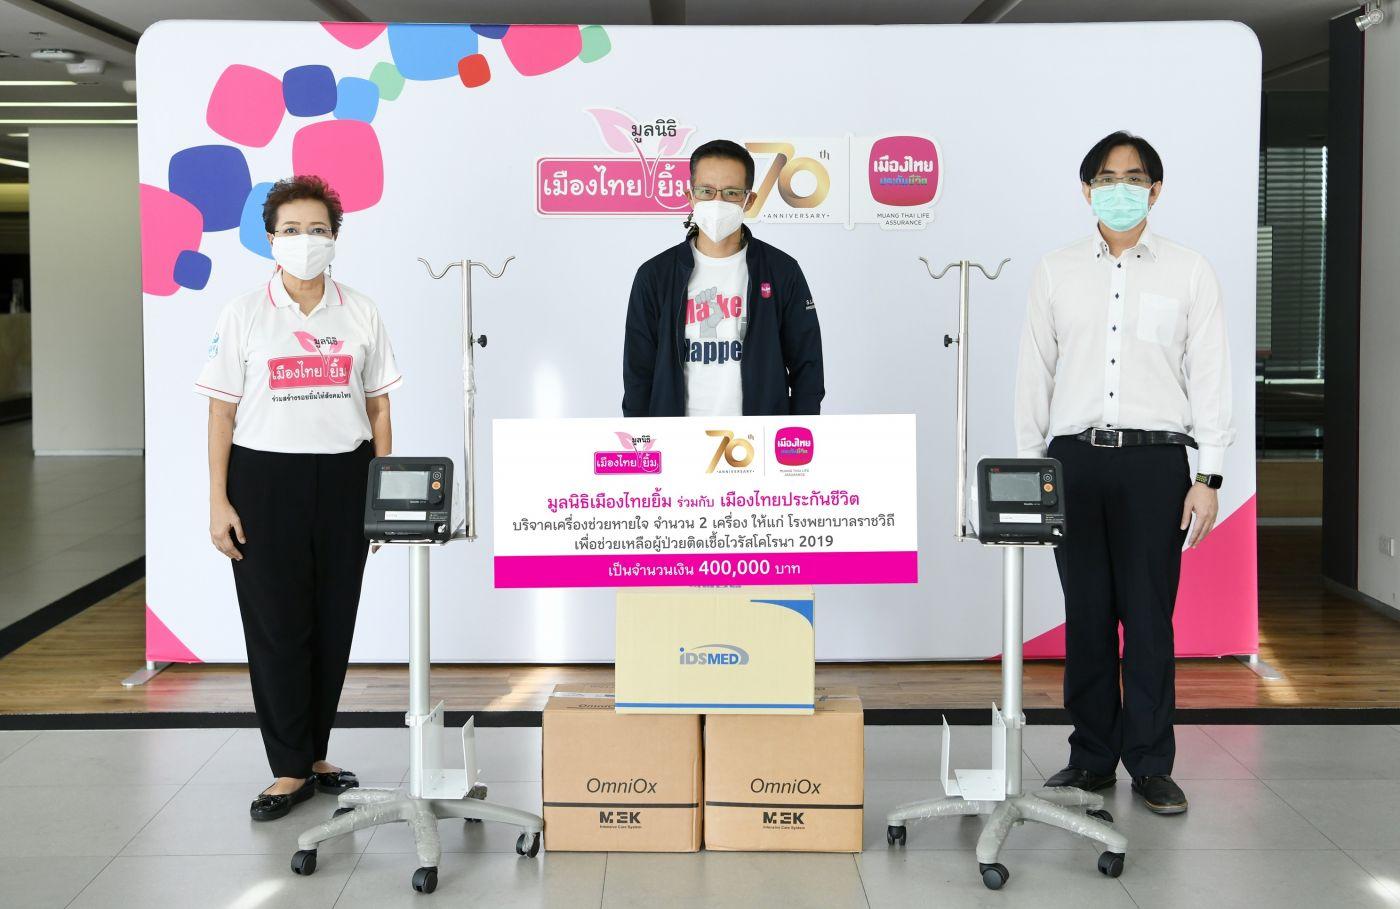 เมืองไทยประกันชีวิต ร่วมกับ มูลนิธิเมืองไทยยิ้ม มอบเครื่องช่วยหายใจ โรงพยาบาลราชวิถี